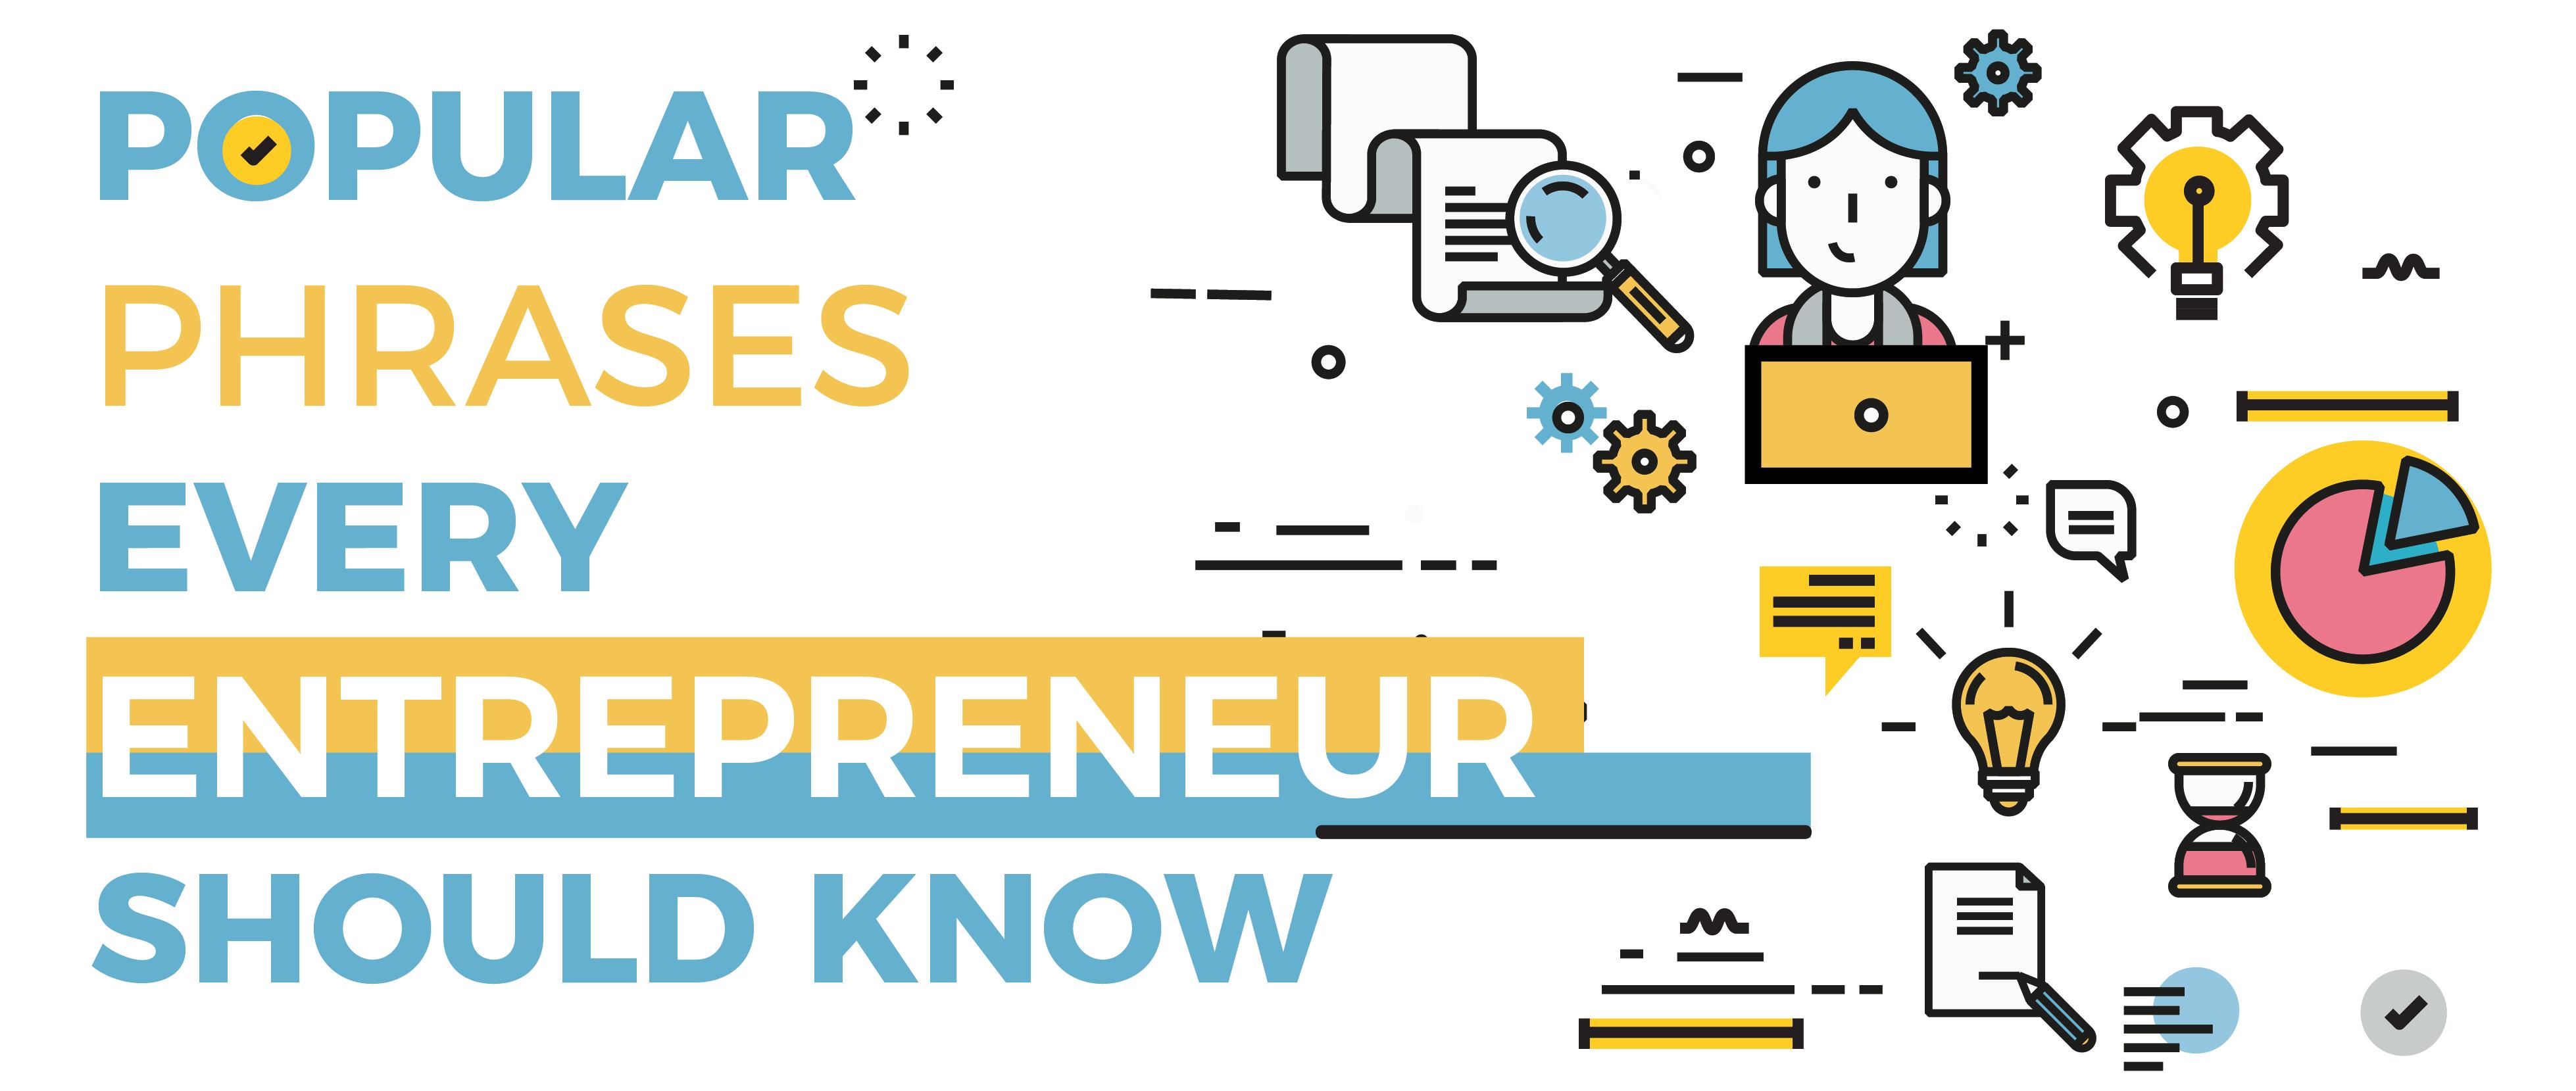 Bài học mới về Startup đã có mặt trên ELSA!